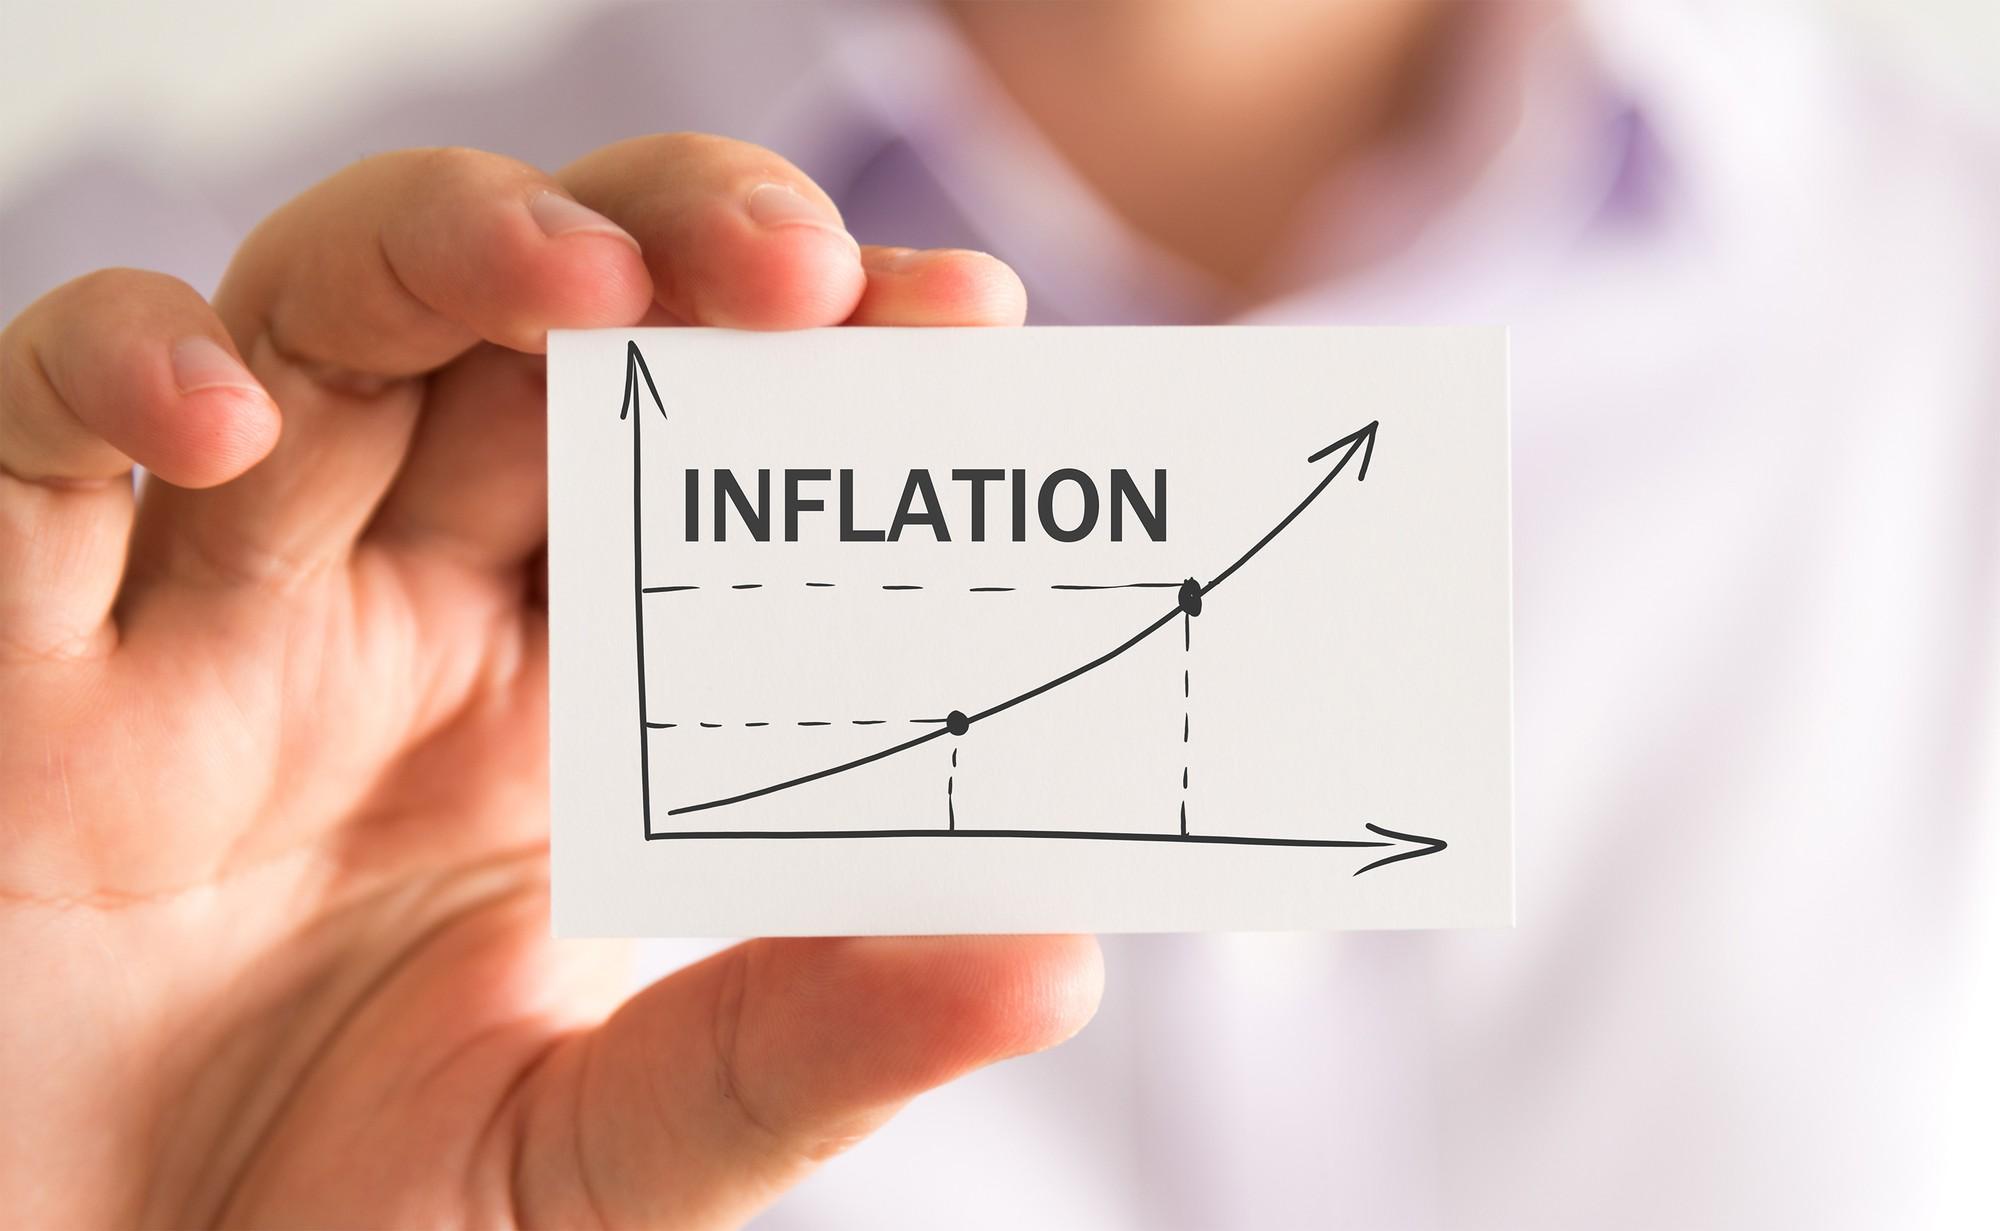 Lạm phát đang đảo chiều hoàn toàn, lãi suất sẽ tăng trở lại?